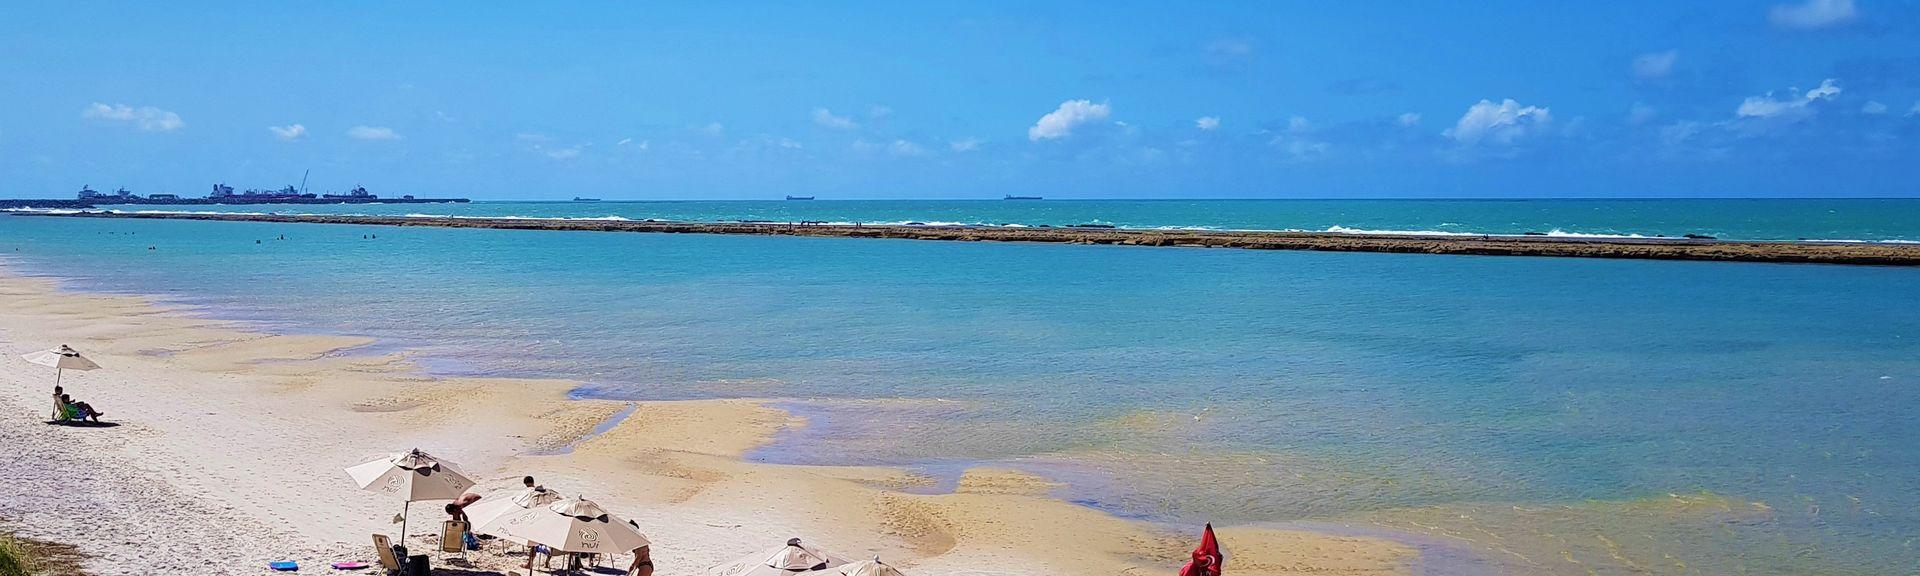 Piedade Beach, Jaboatao, Brazil